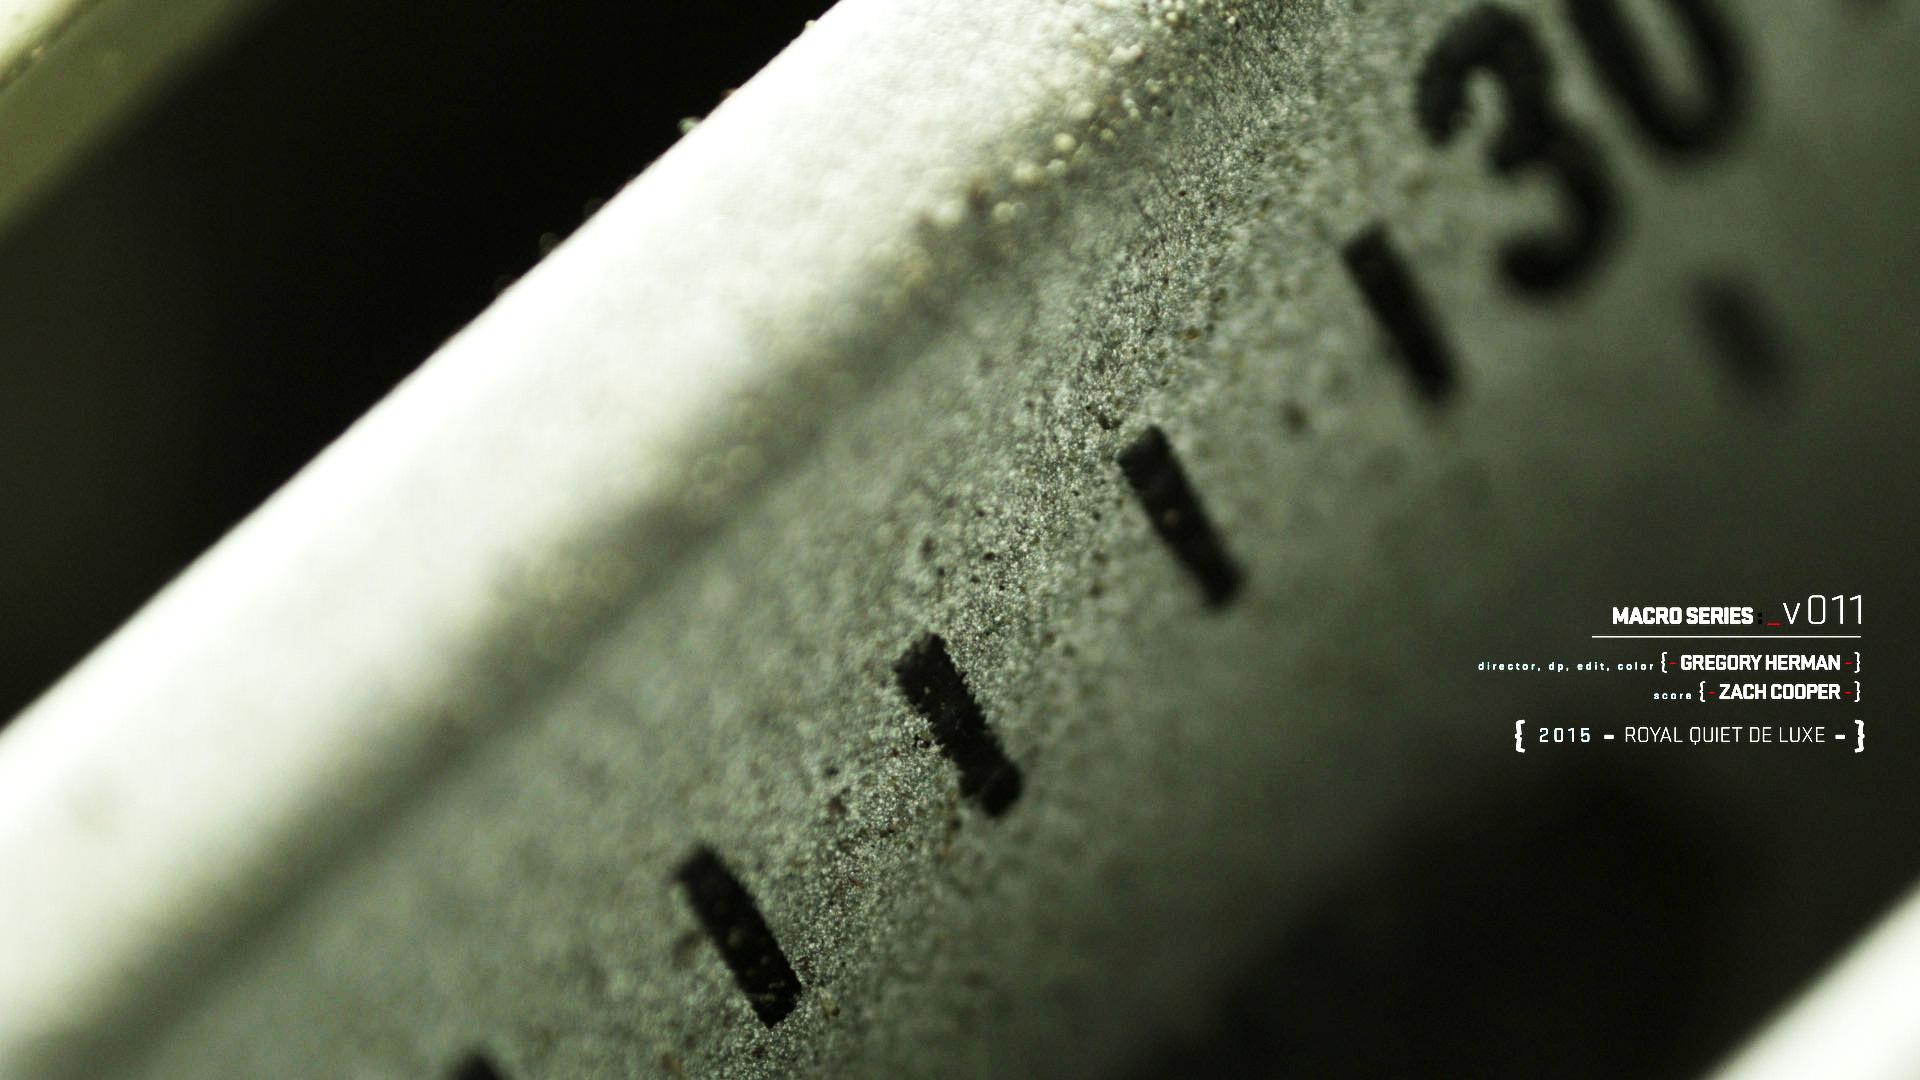 Macro_v10_typewriter_v021.jpg